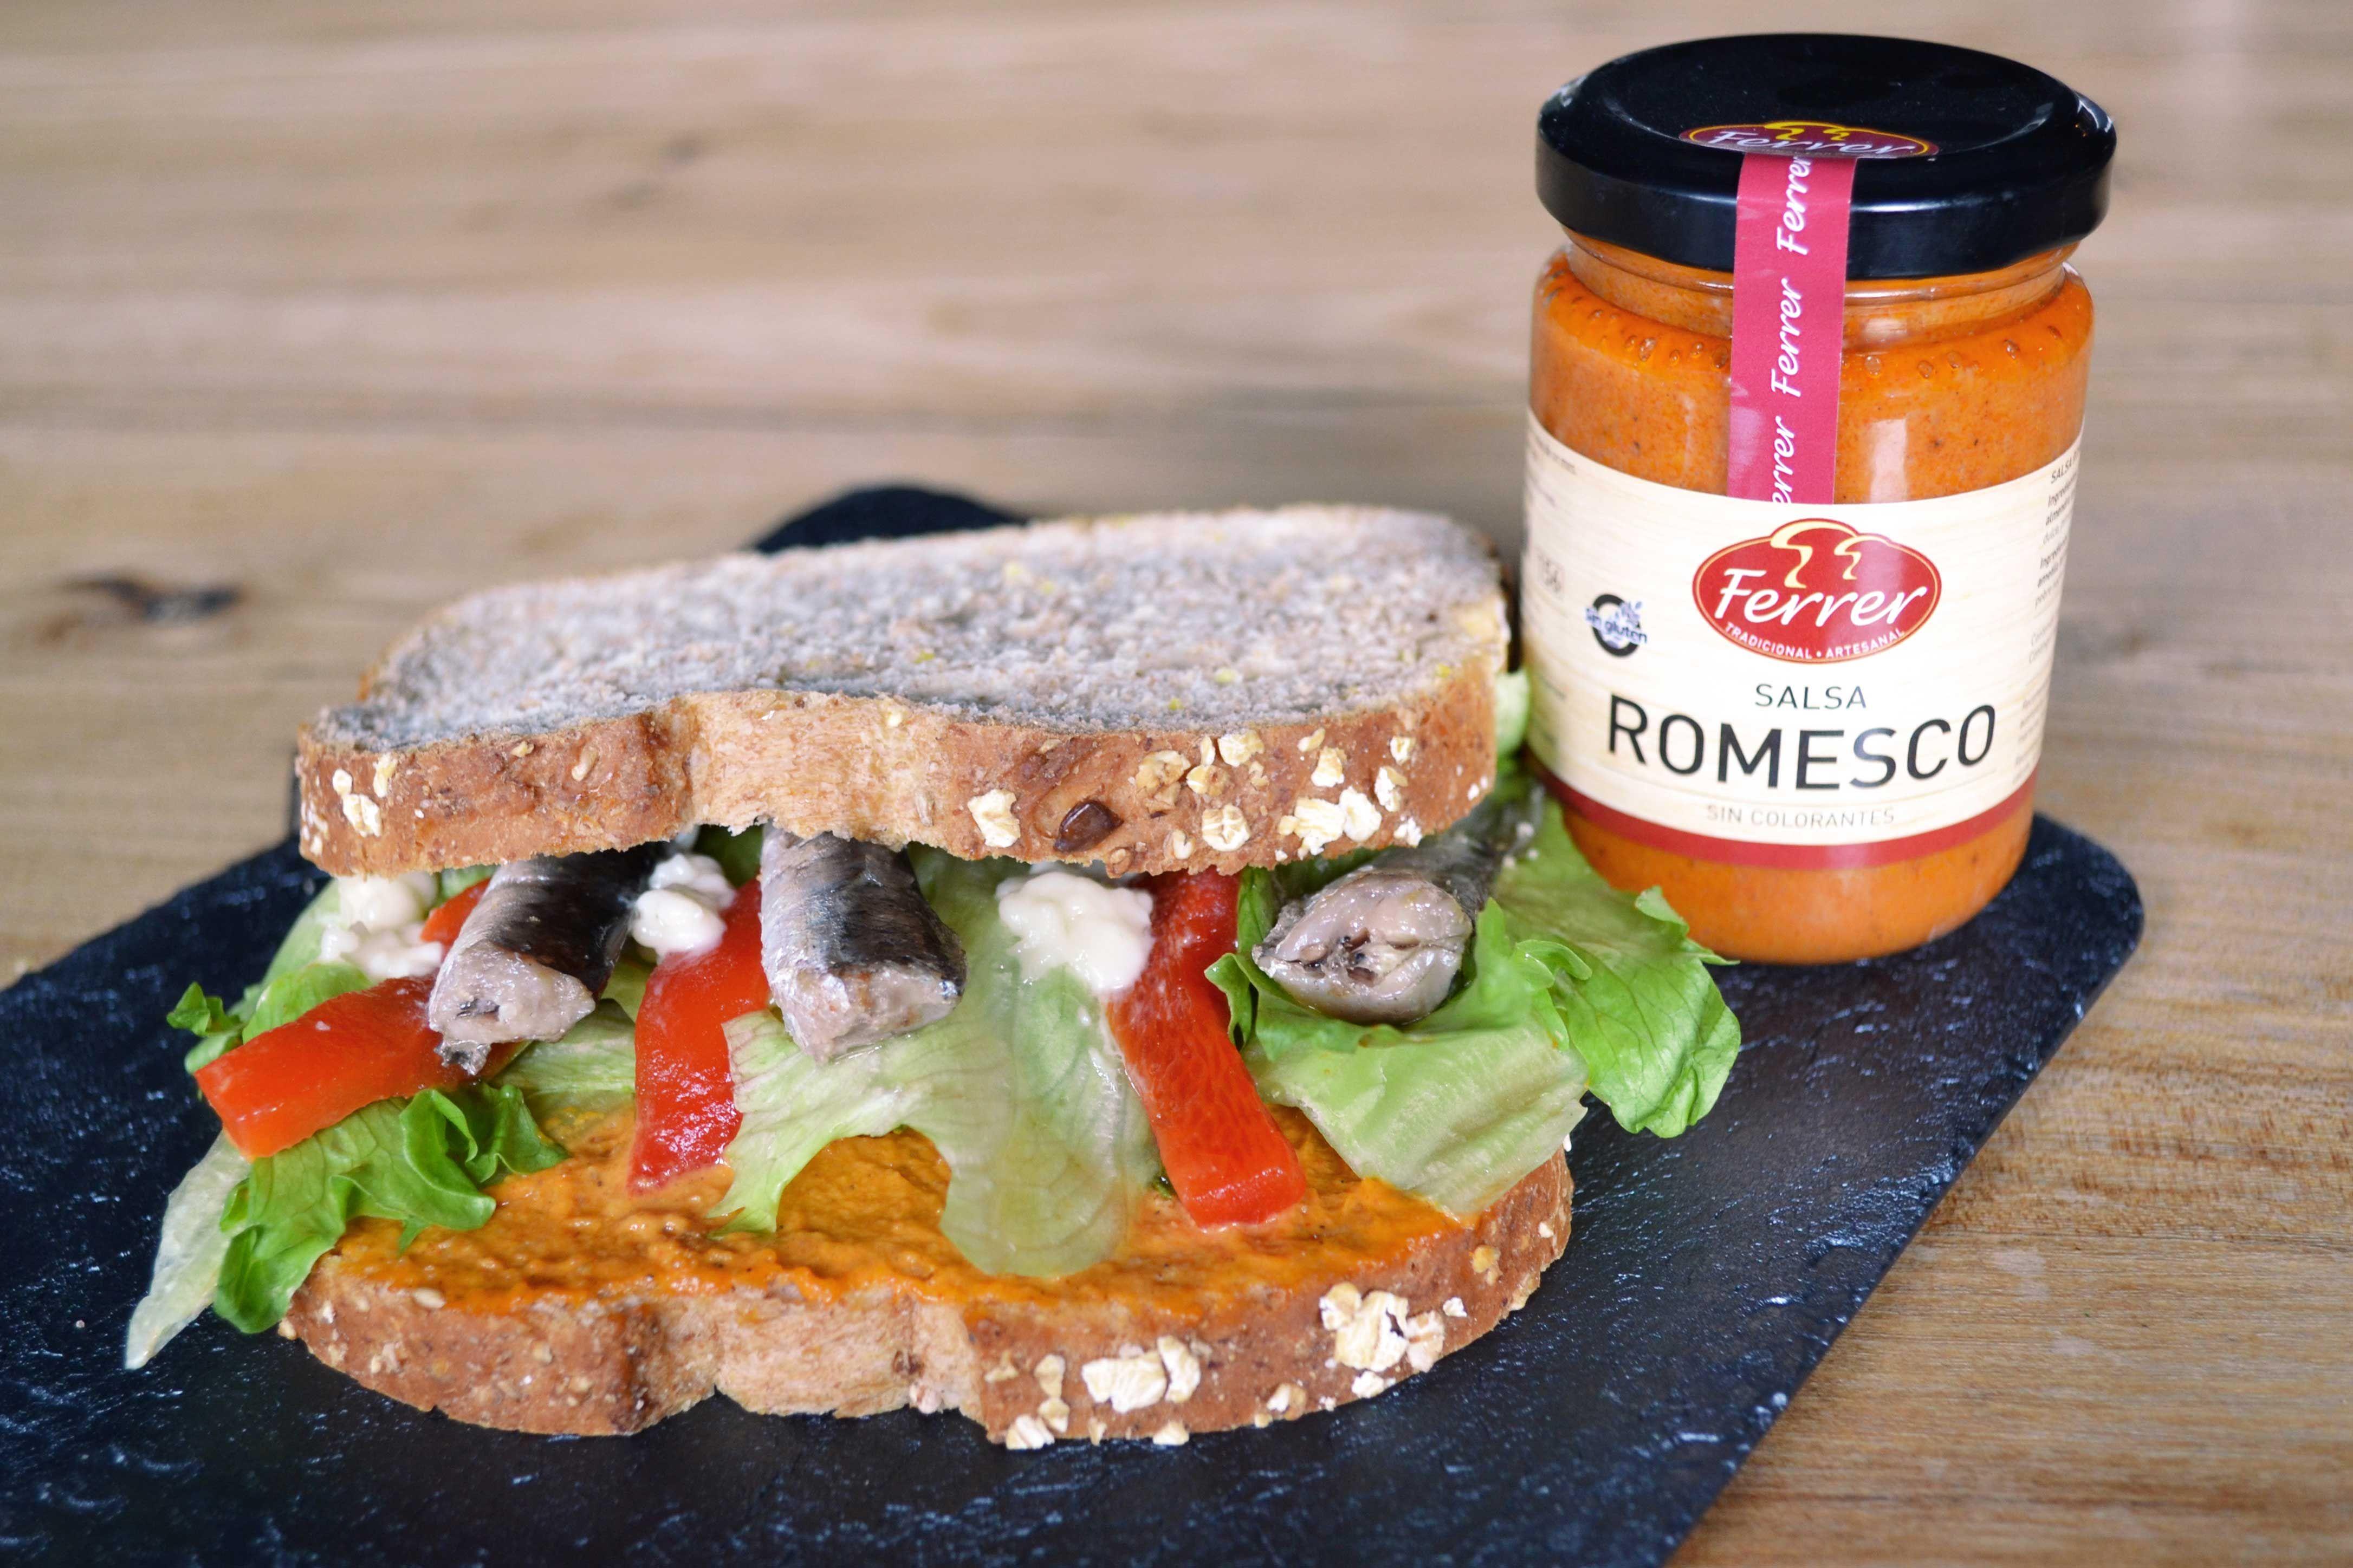 Sándwich de sardinillas con salsa romesco